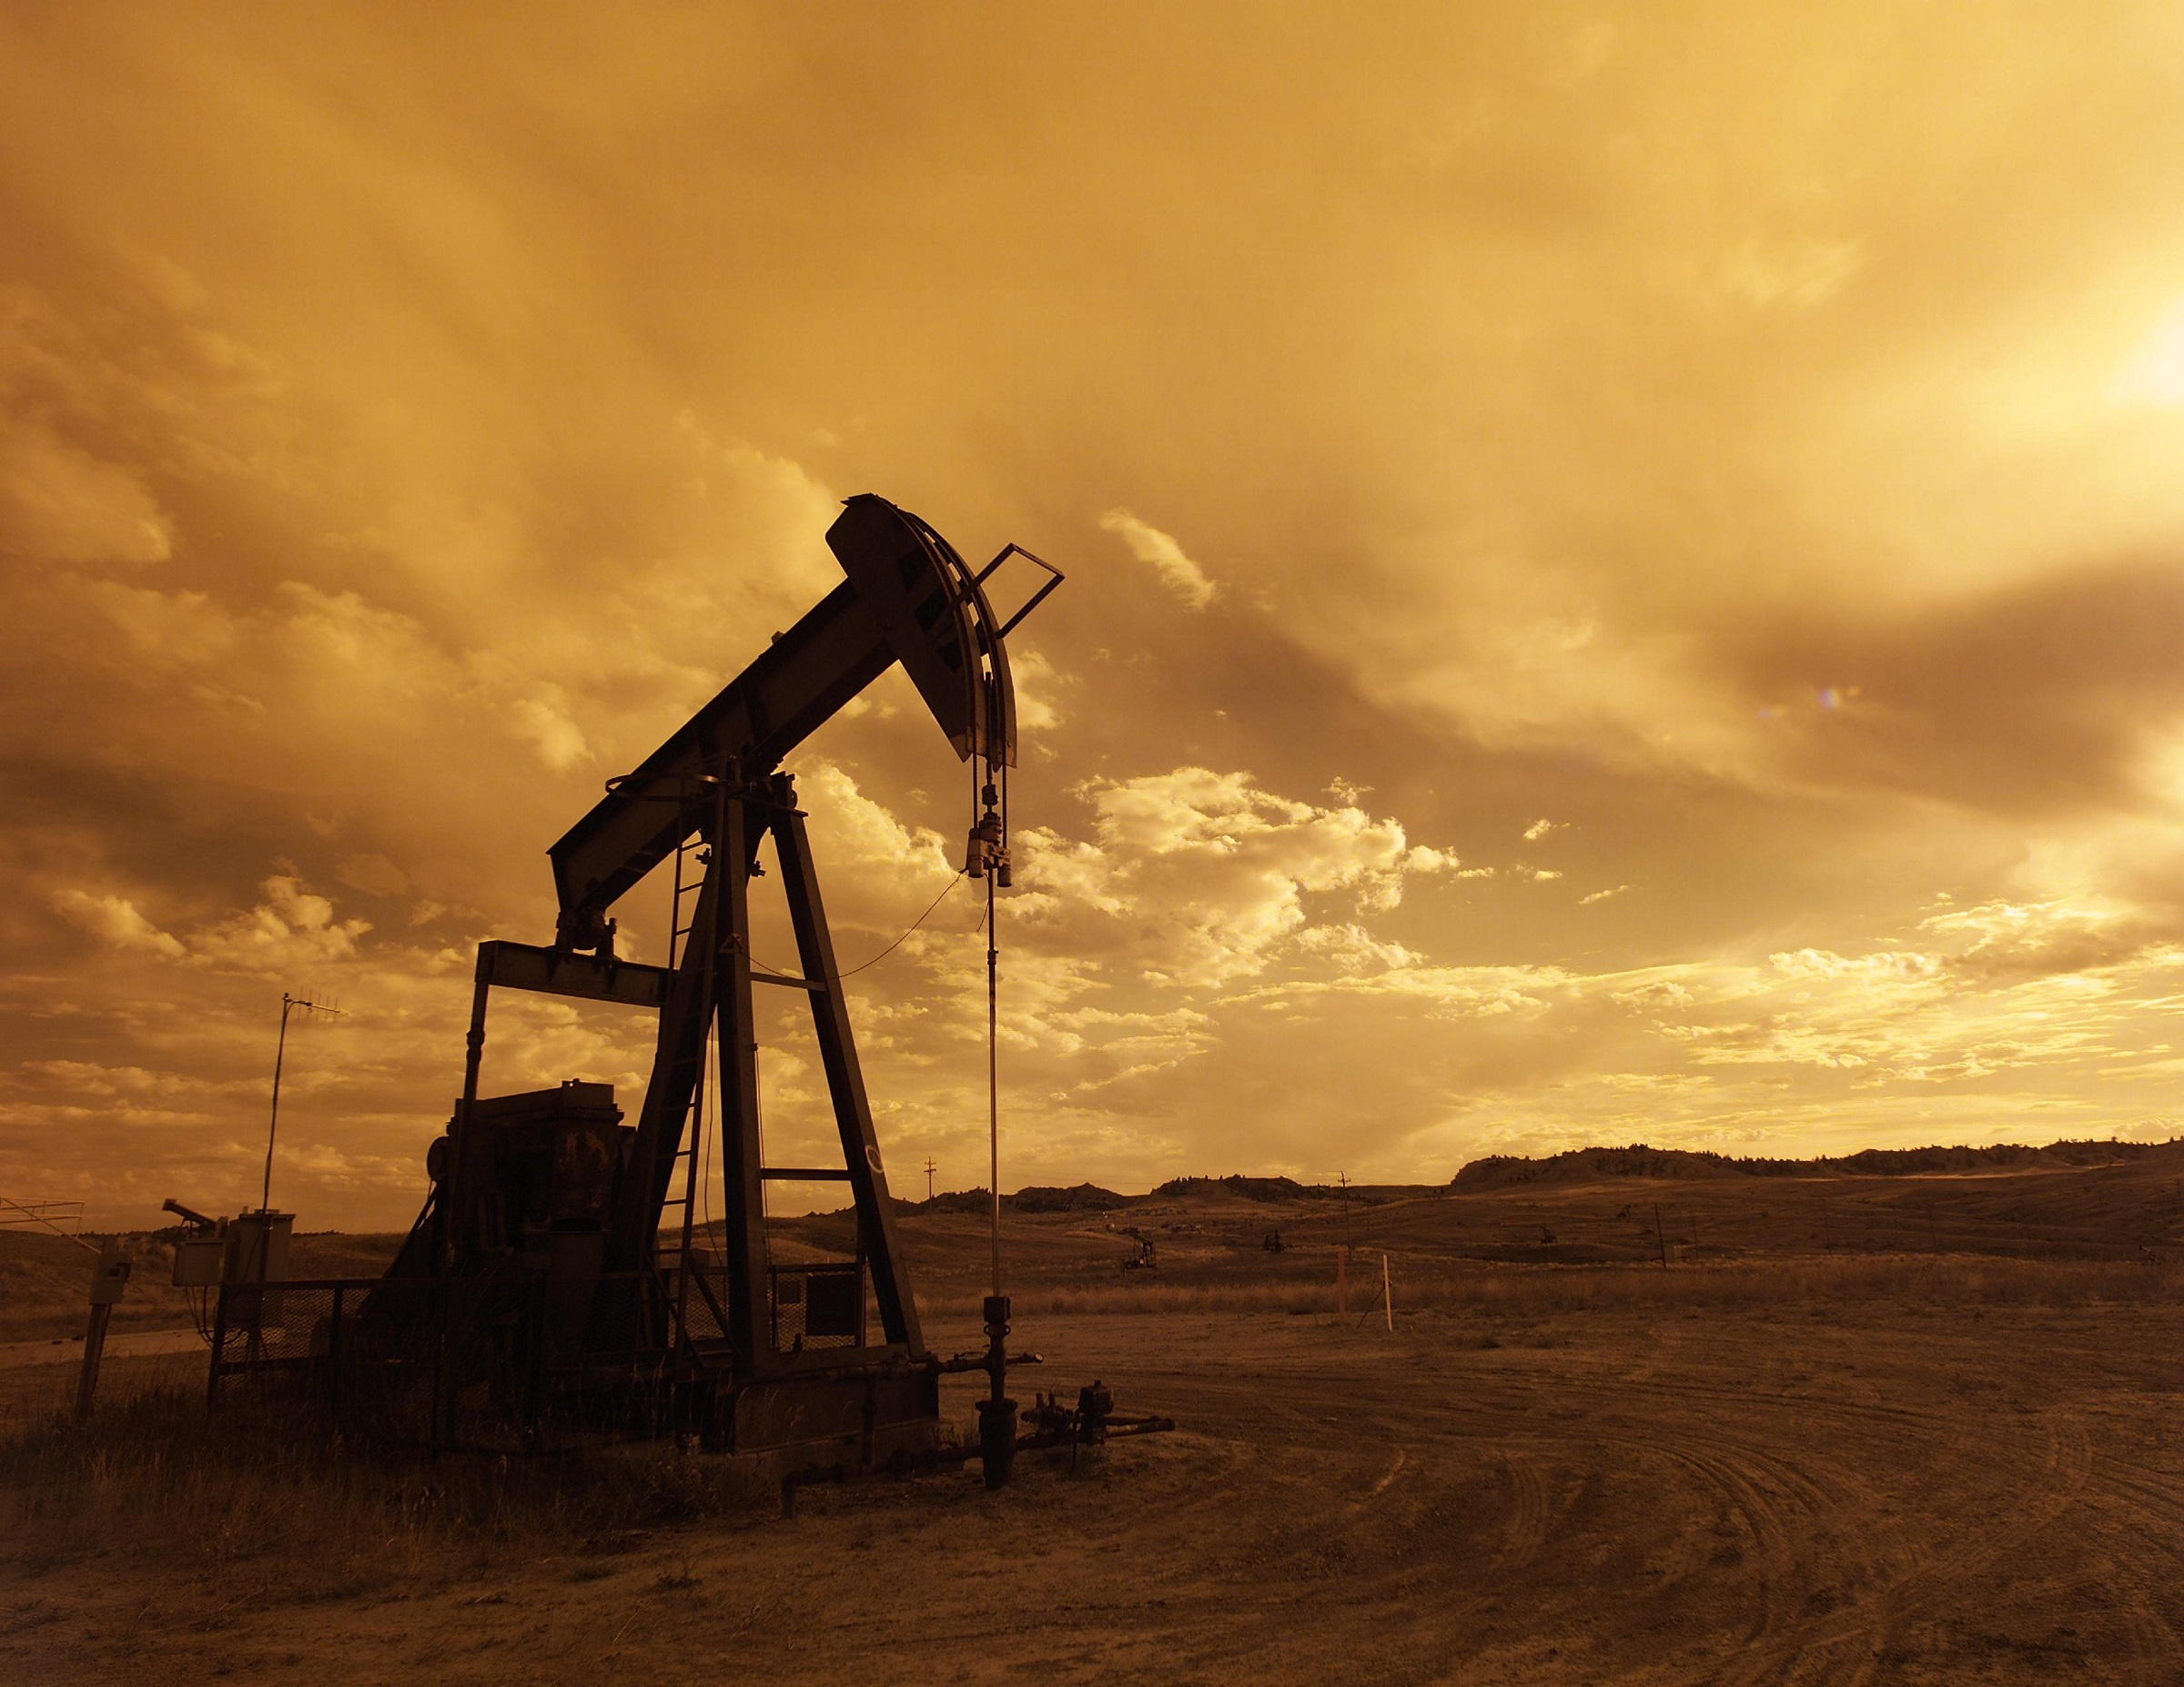 Колосс на нефтяных ногах. Российская экономика менее устойчива к падению нефтяных цен, чем кажется 1